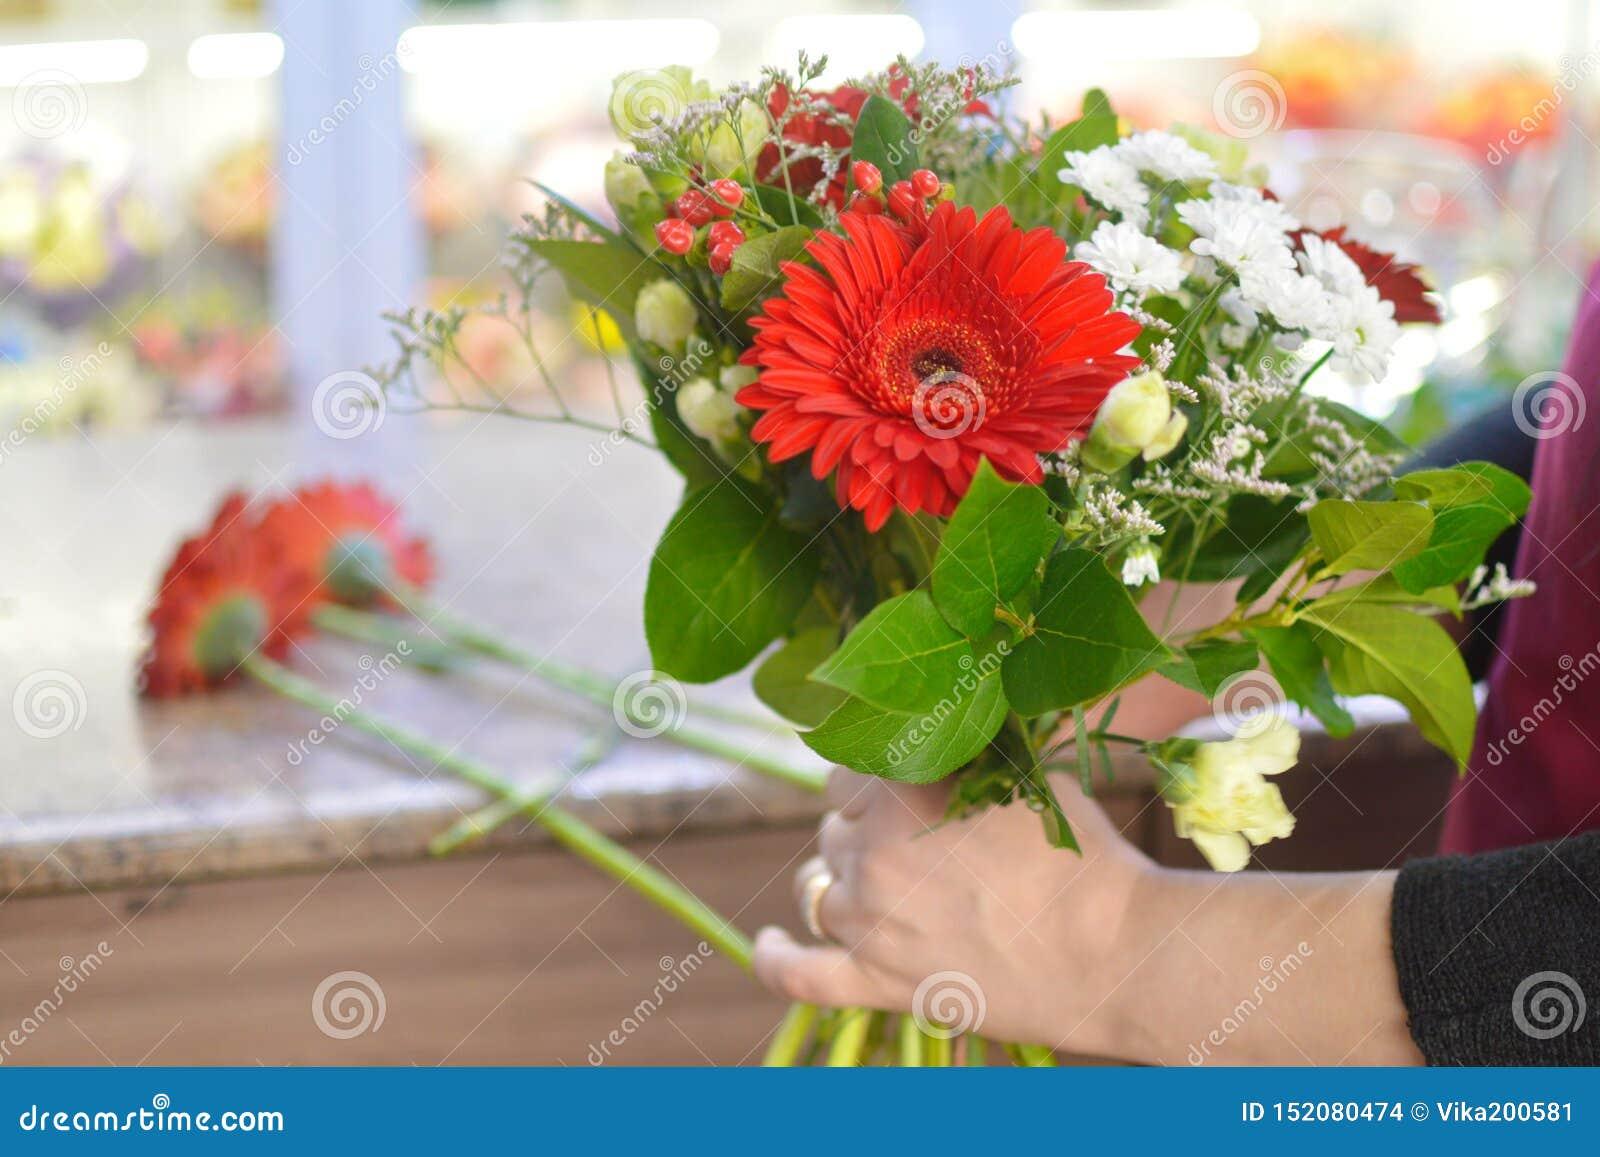 Florist bei der Arbeit im Blumenladen